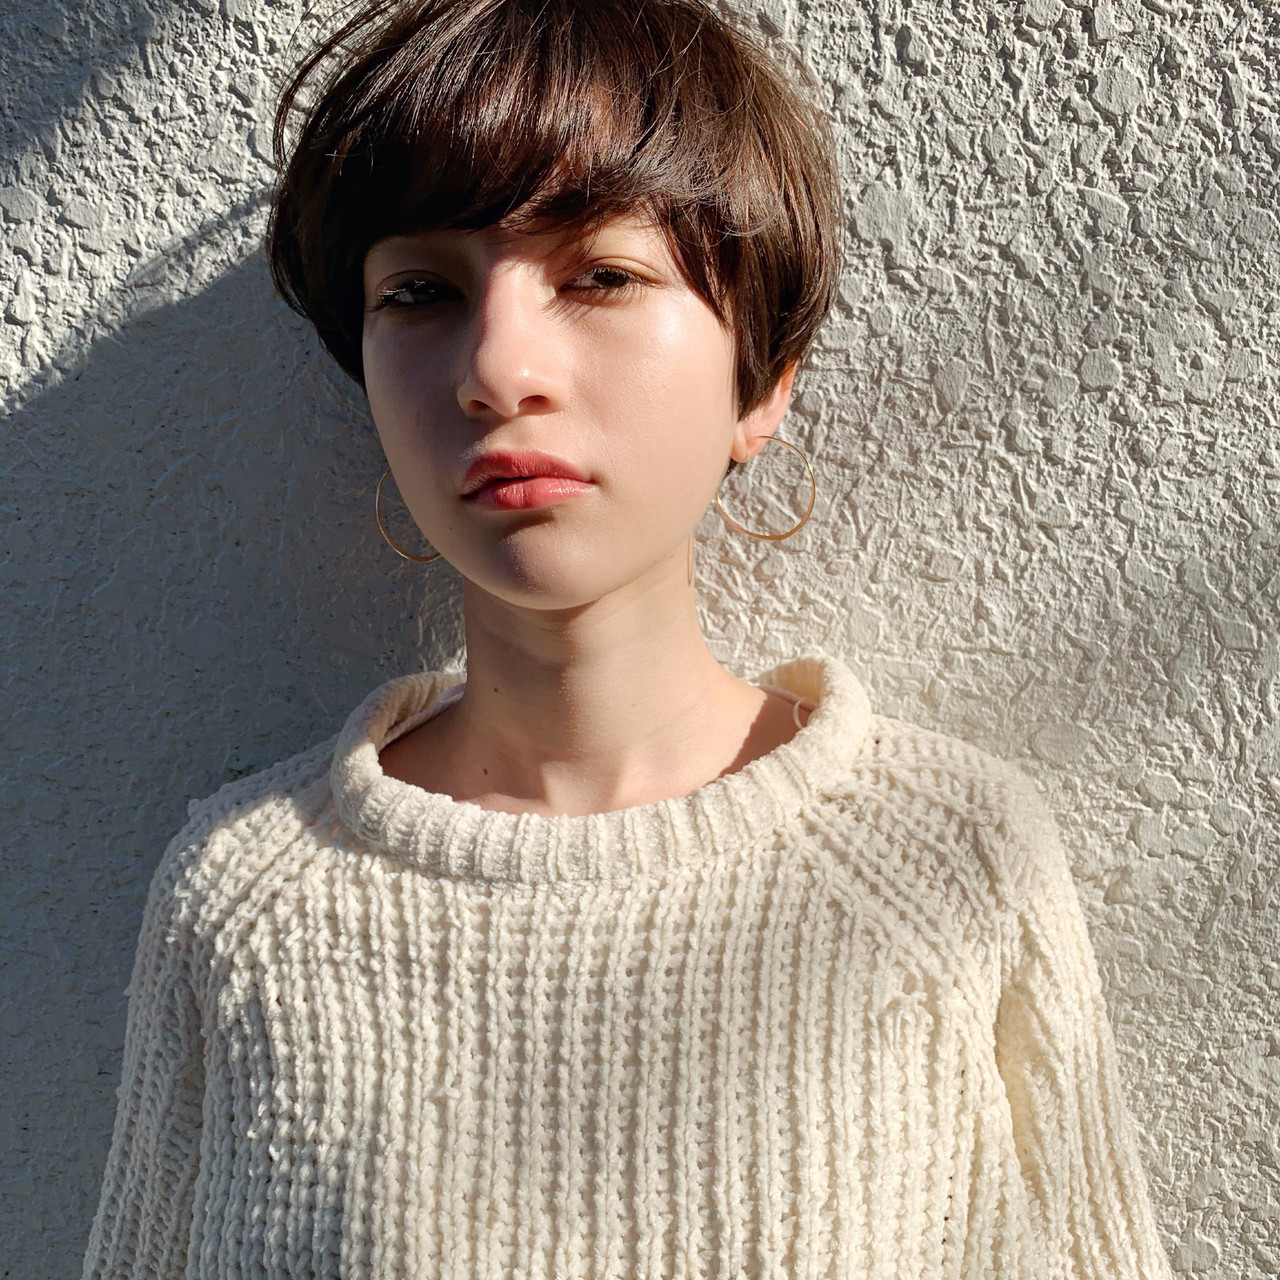 デート アウトドア モード ショートヘアスタイルや髪型の写真・画像